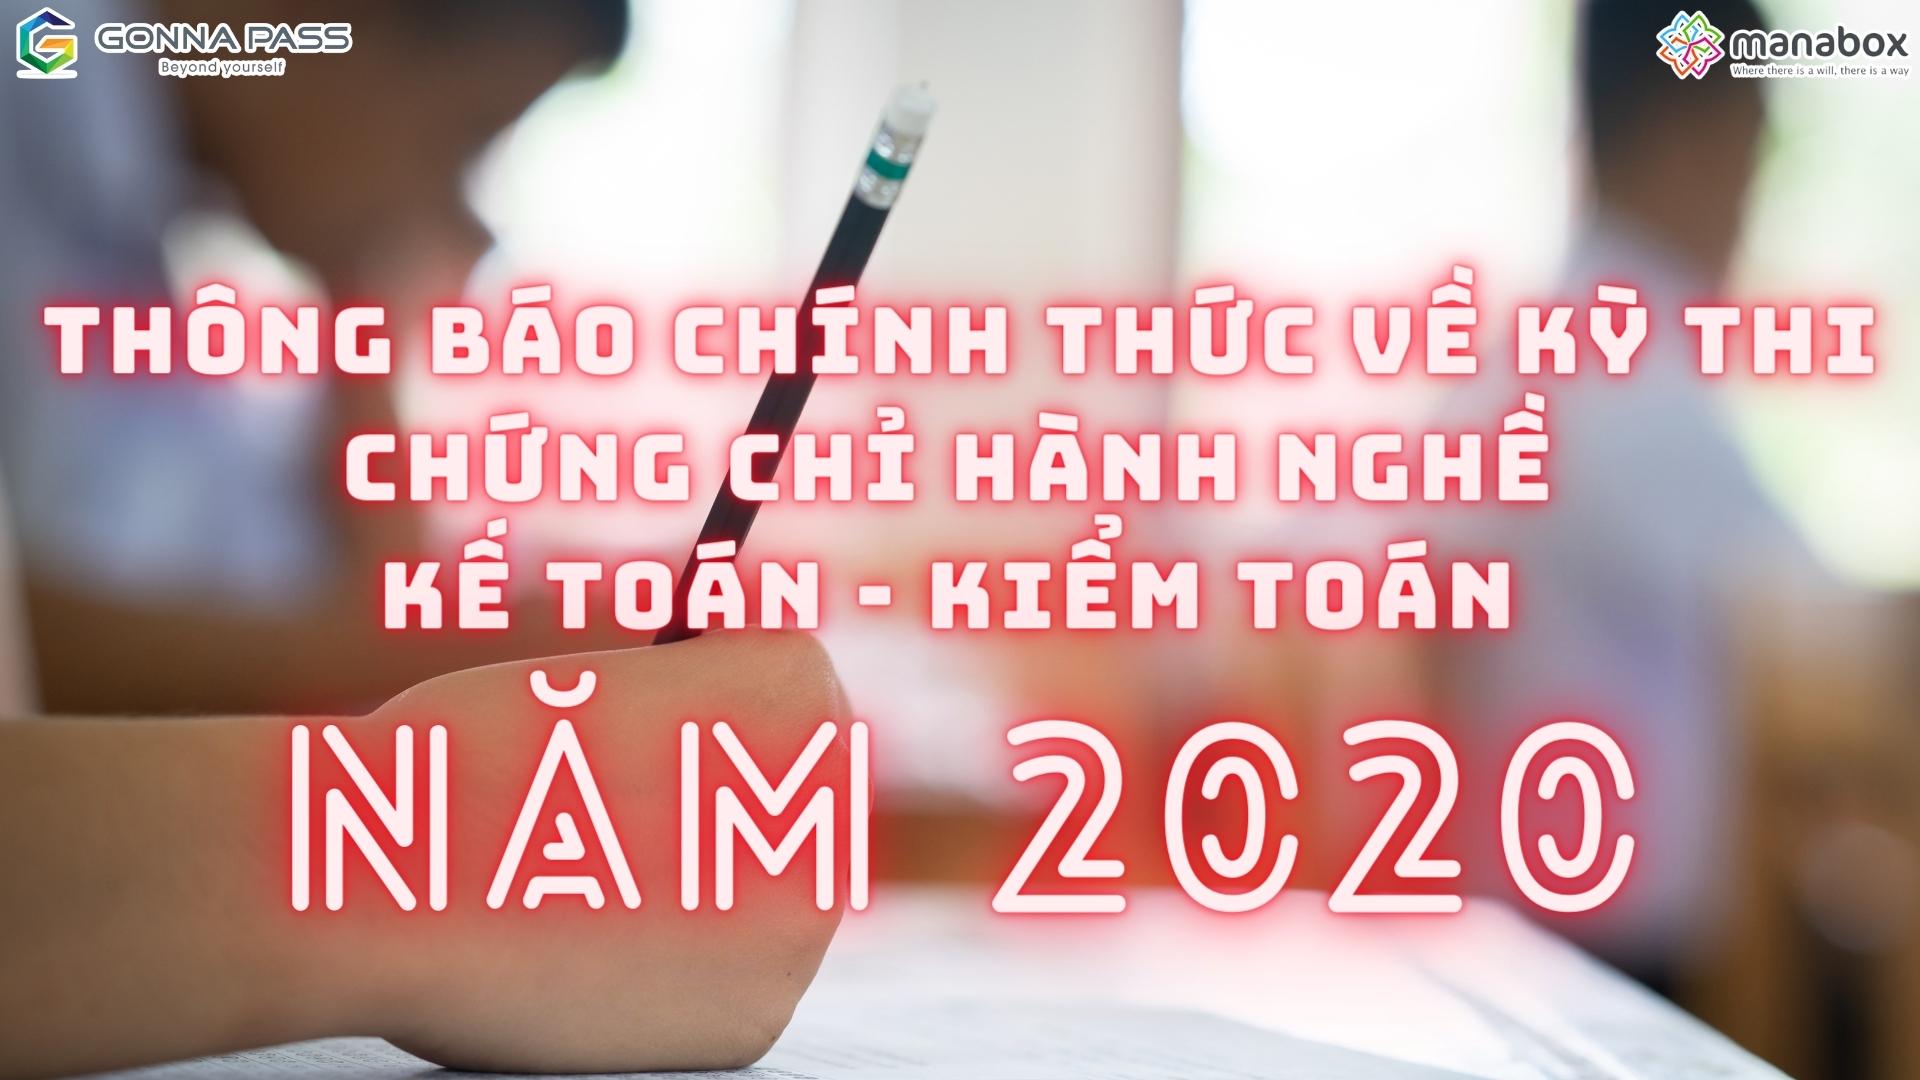 Thông báo chính thức về kỳ thi chứng chỉ hành nghề kế toán – kiểm toán năm 2020